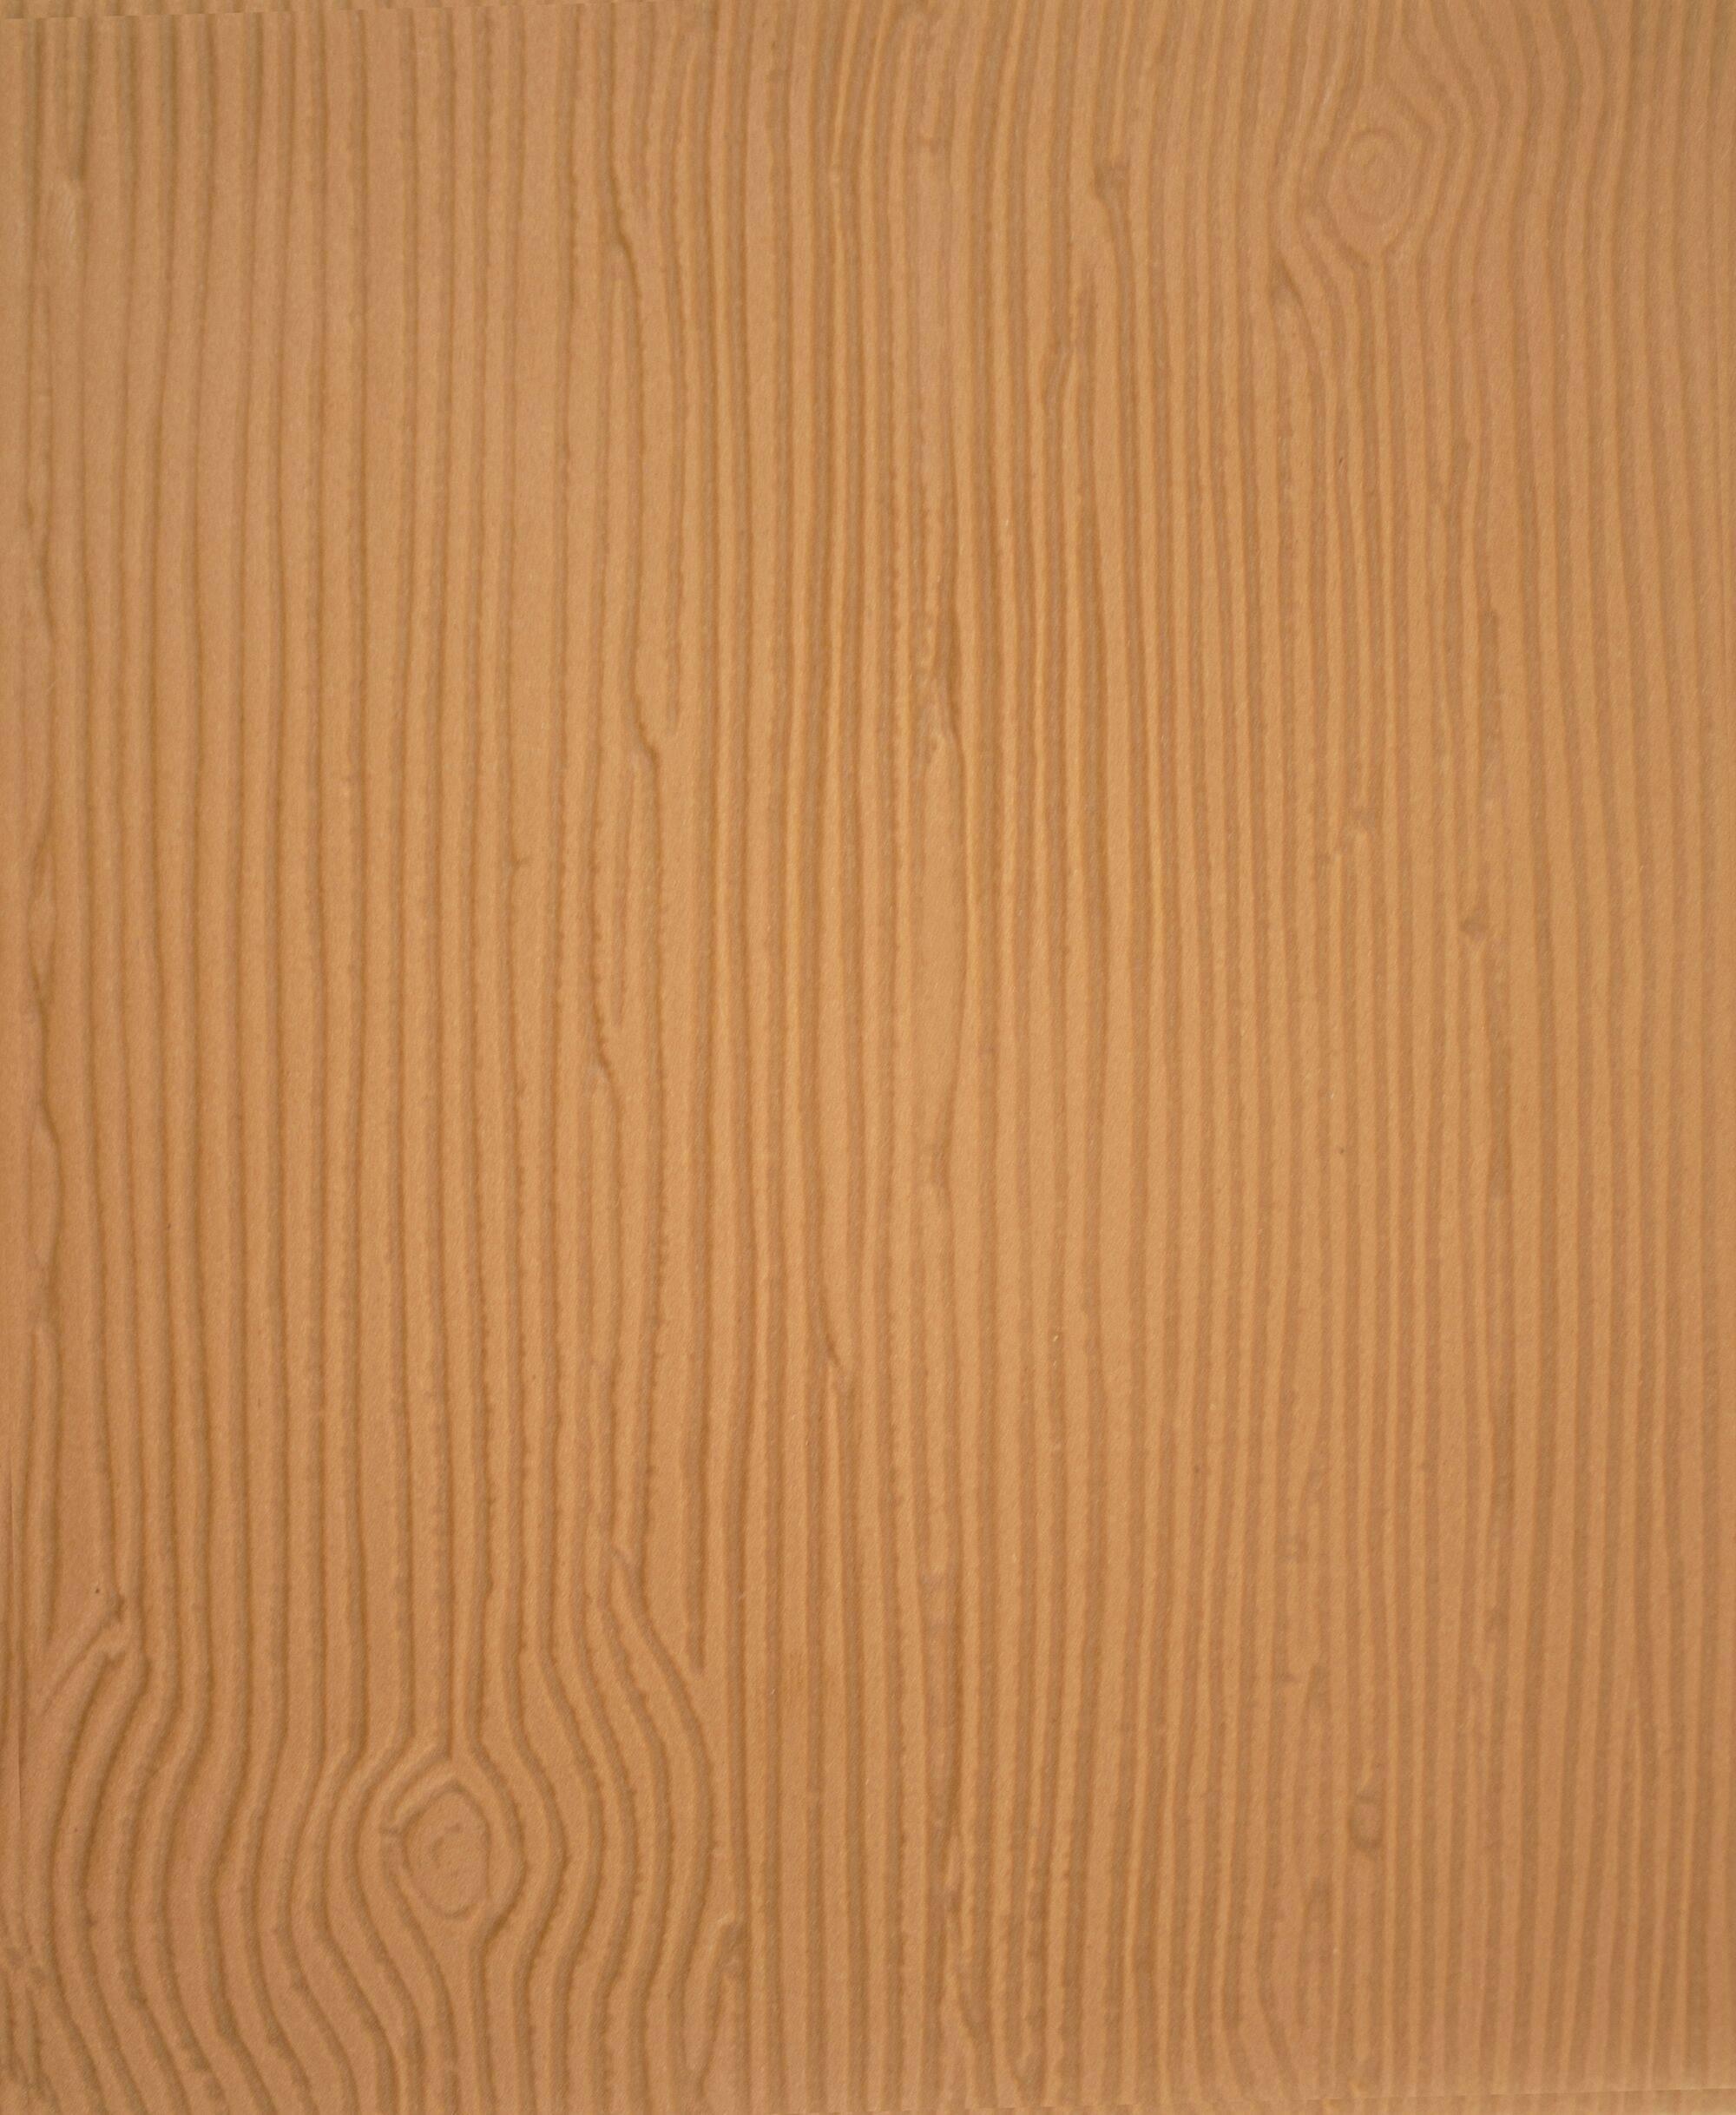 Impression Photo Planche Bois feuille d'impression motif texture bois - planete gateau